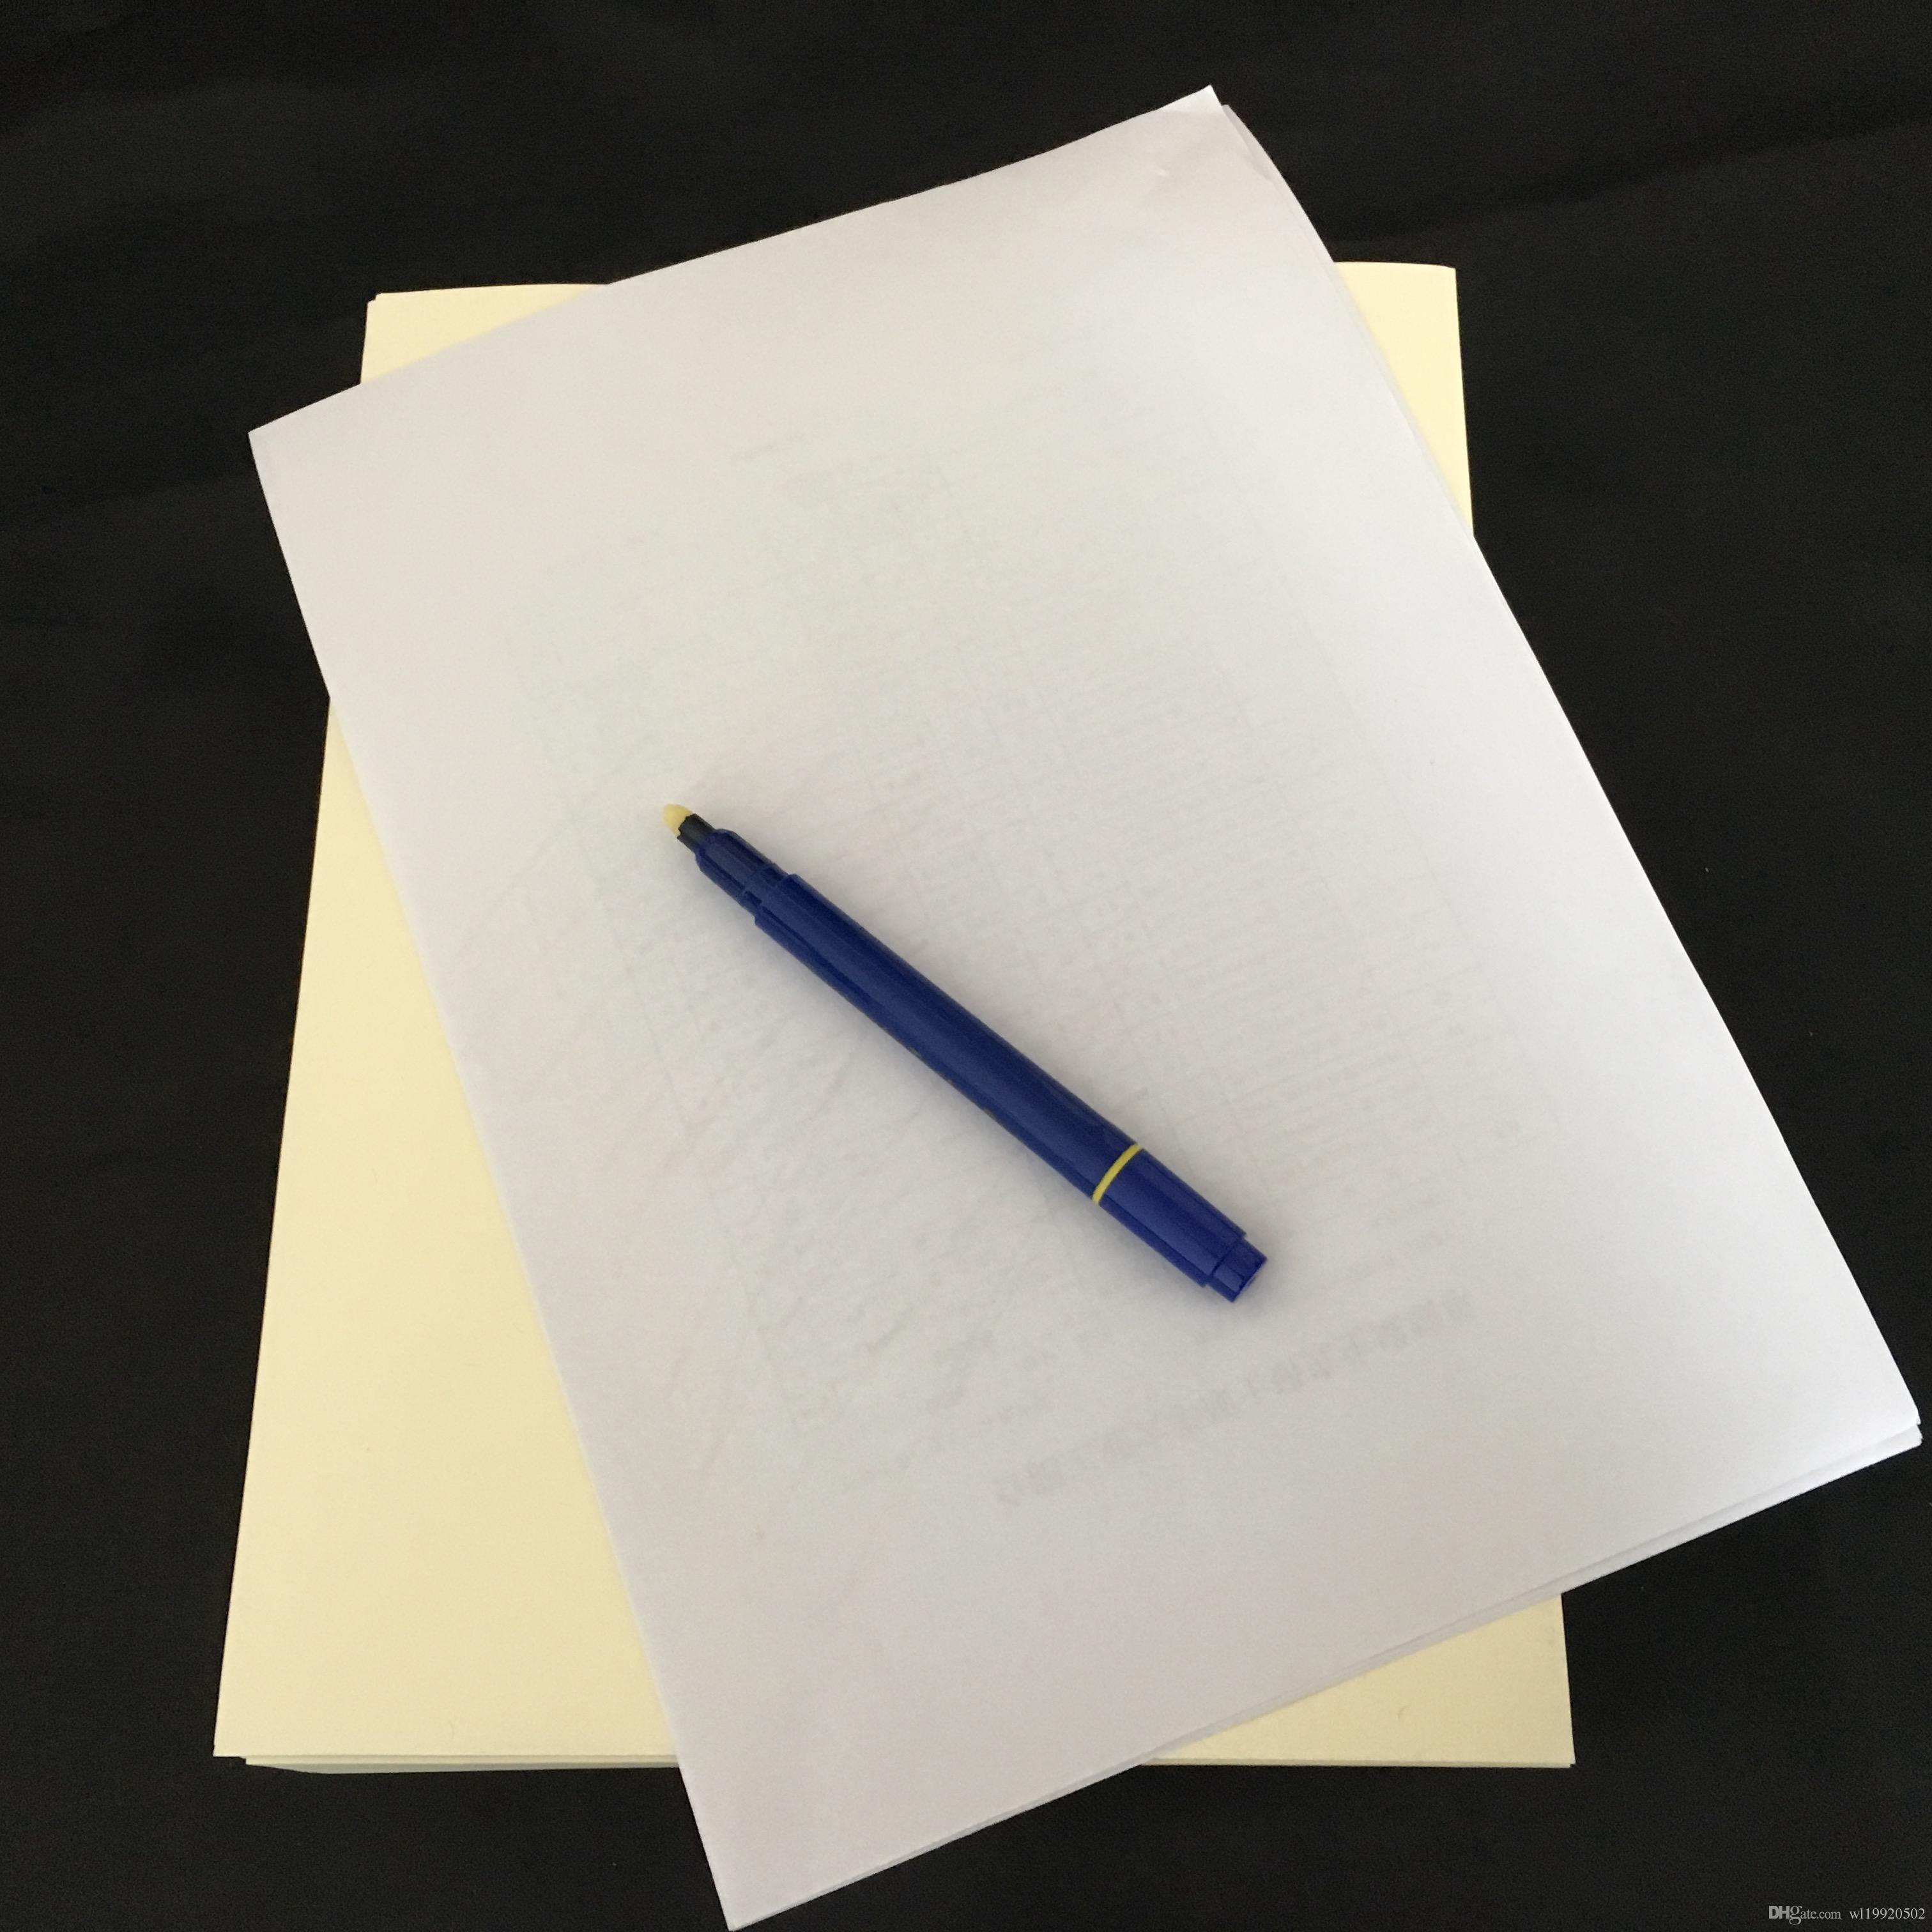 Pases comerciales falsos prueba de pluma papel printinng lino de algodón sensación sin almidón sin ácido tipos impermeables